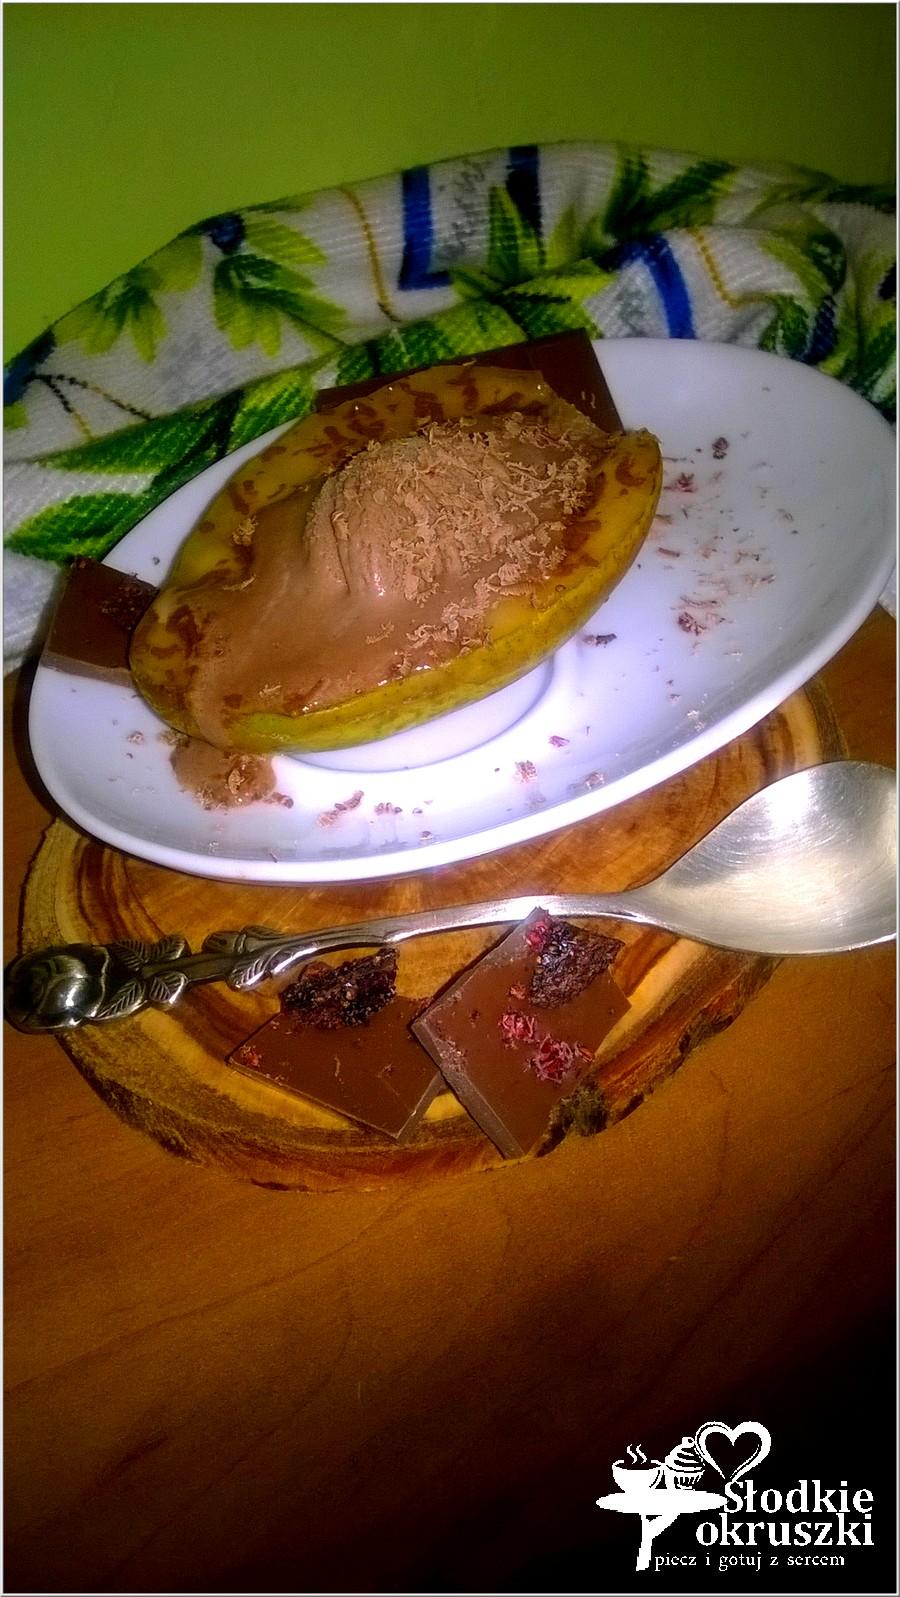 Grillowana gruszka z czekoladowo-lodowym nadzieniem (3)